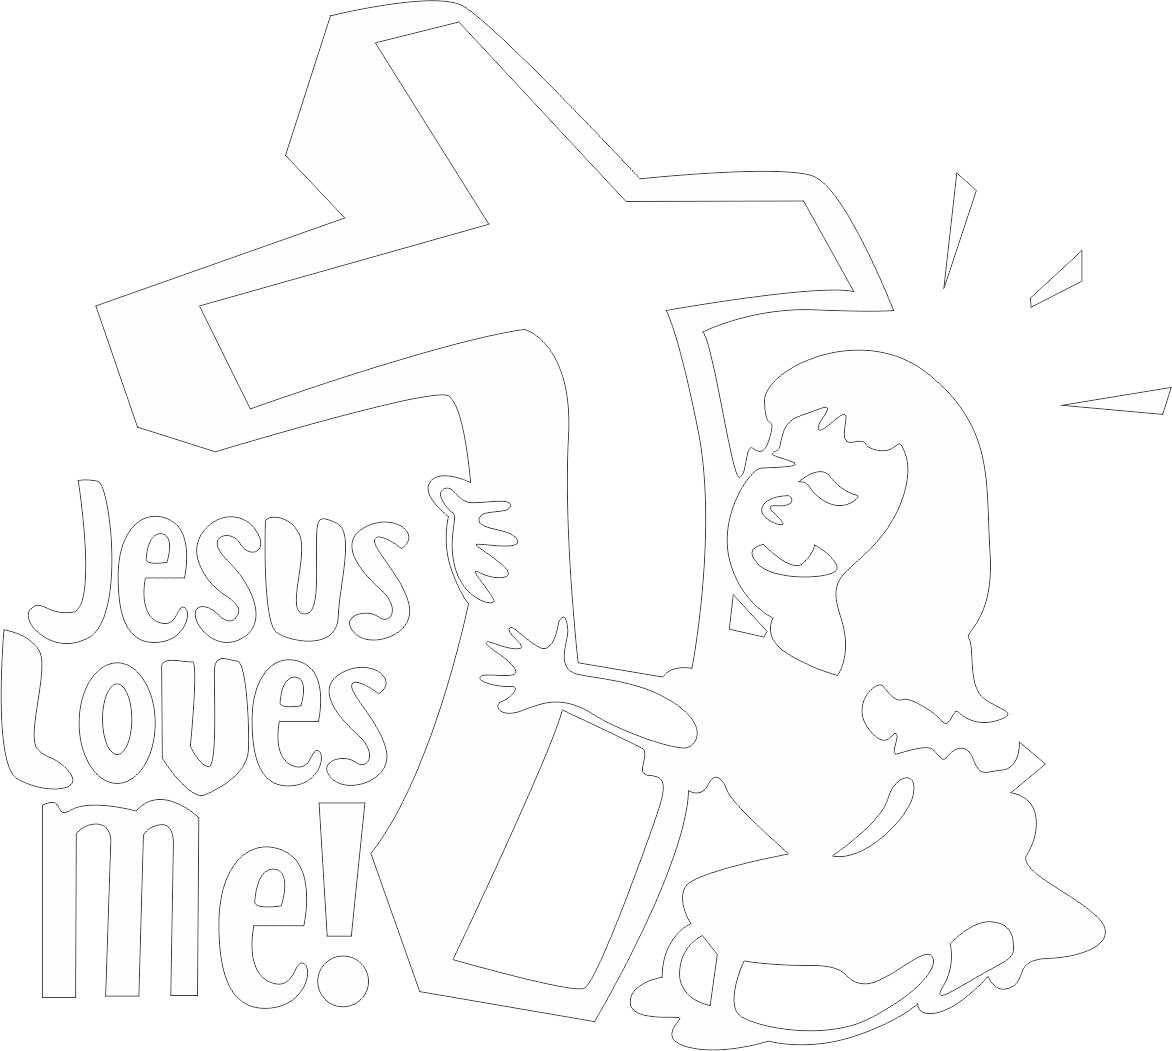 99x88mm Jesus Love Me JDM Die Cut INDIGOS UG Aufkleber Autoaufkleber wei/ß Auto Laptop Tuning Sticker Heckscheibe LKW Boot